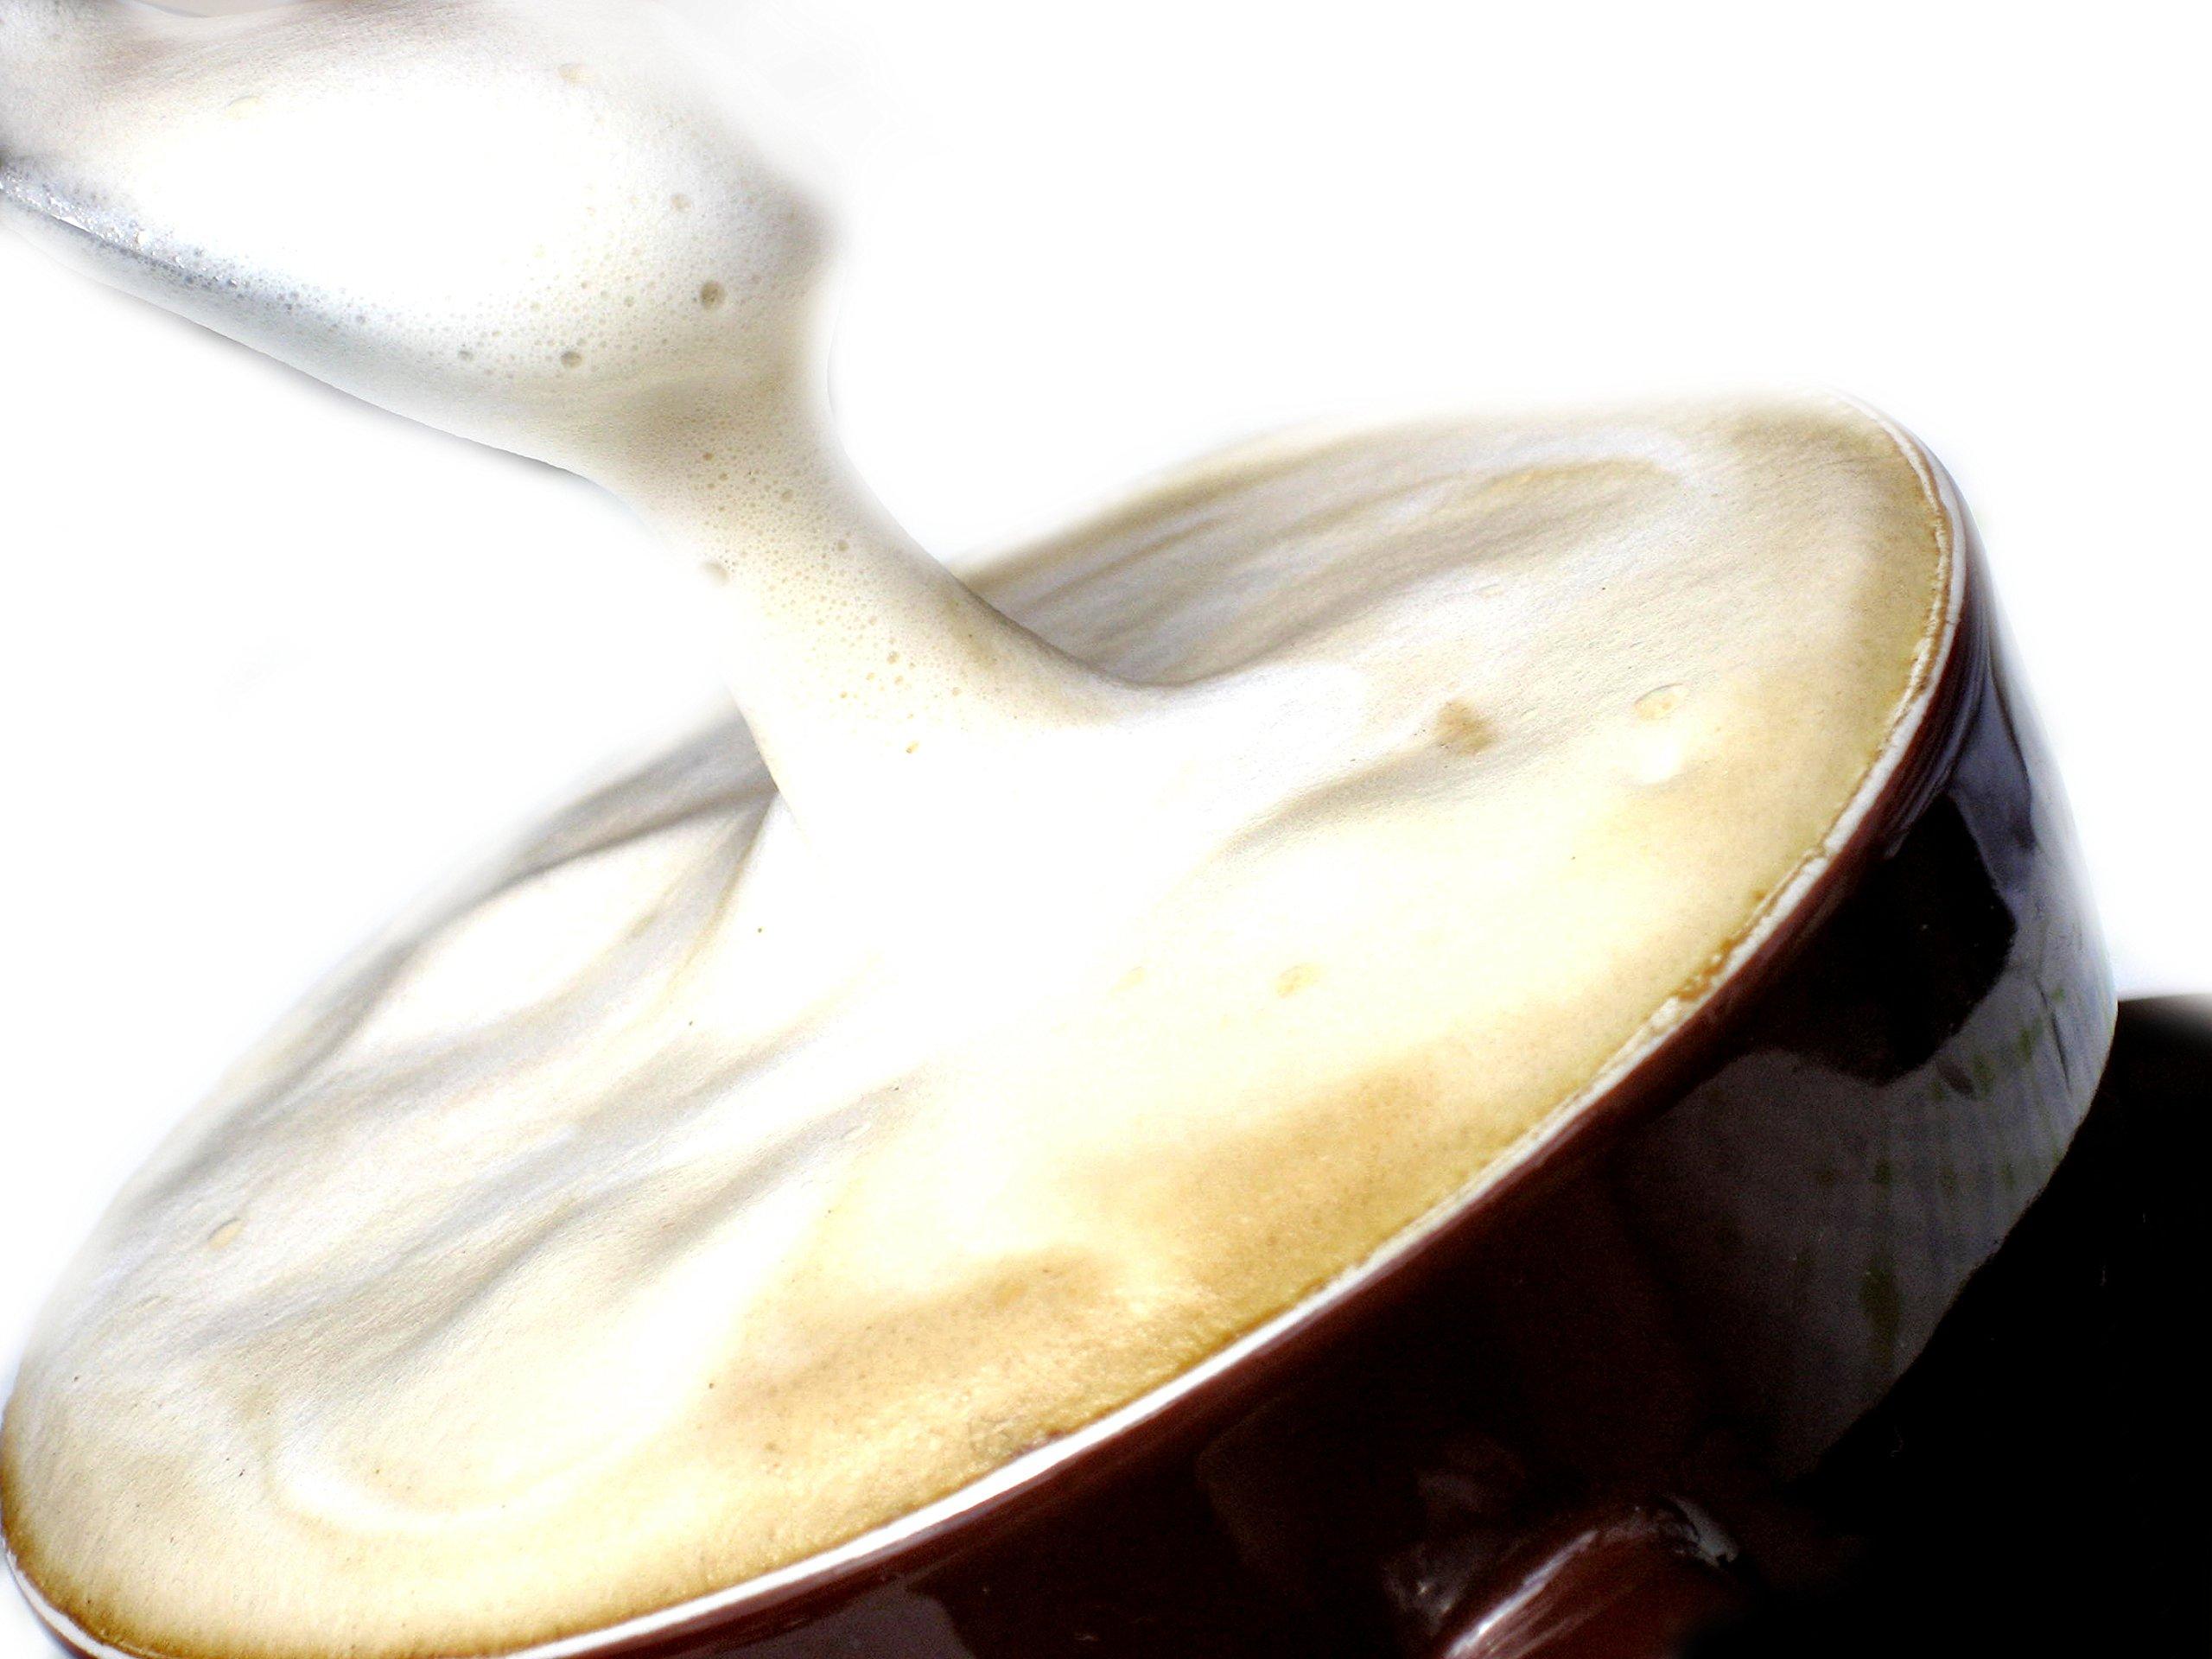 Milchschlauch-2m6mm-zuschneidbar-mit-Milchschlauchbrste-Schlauch-fr-Kaffeevollautomat-Kaffeemaschine-mit-Reinigungs-Brste-Ersatzteile-Geeignet-fr-Jura-Siemens-Krups-Saeco